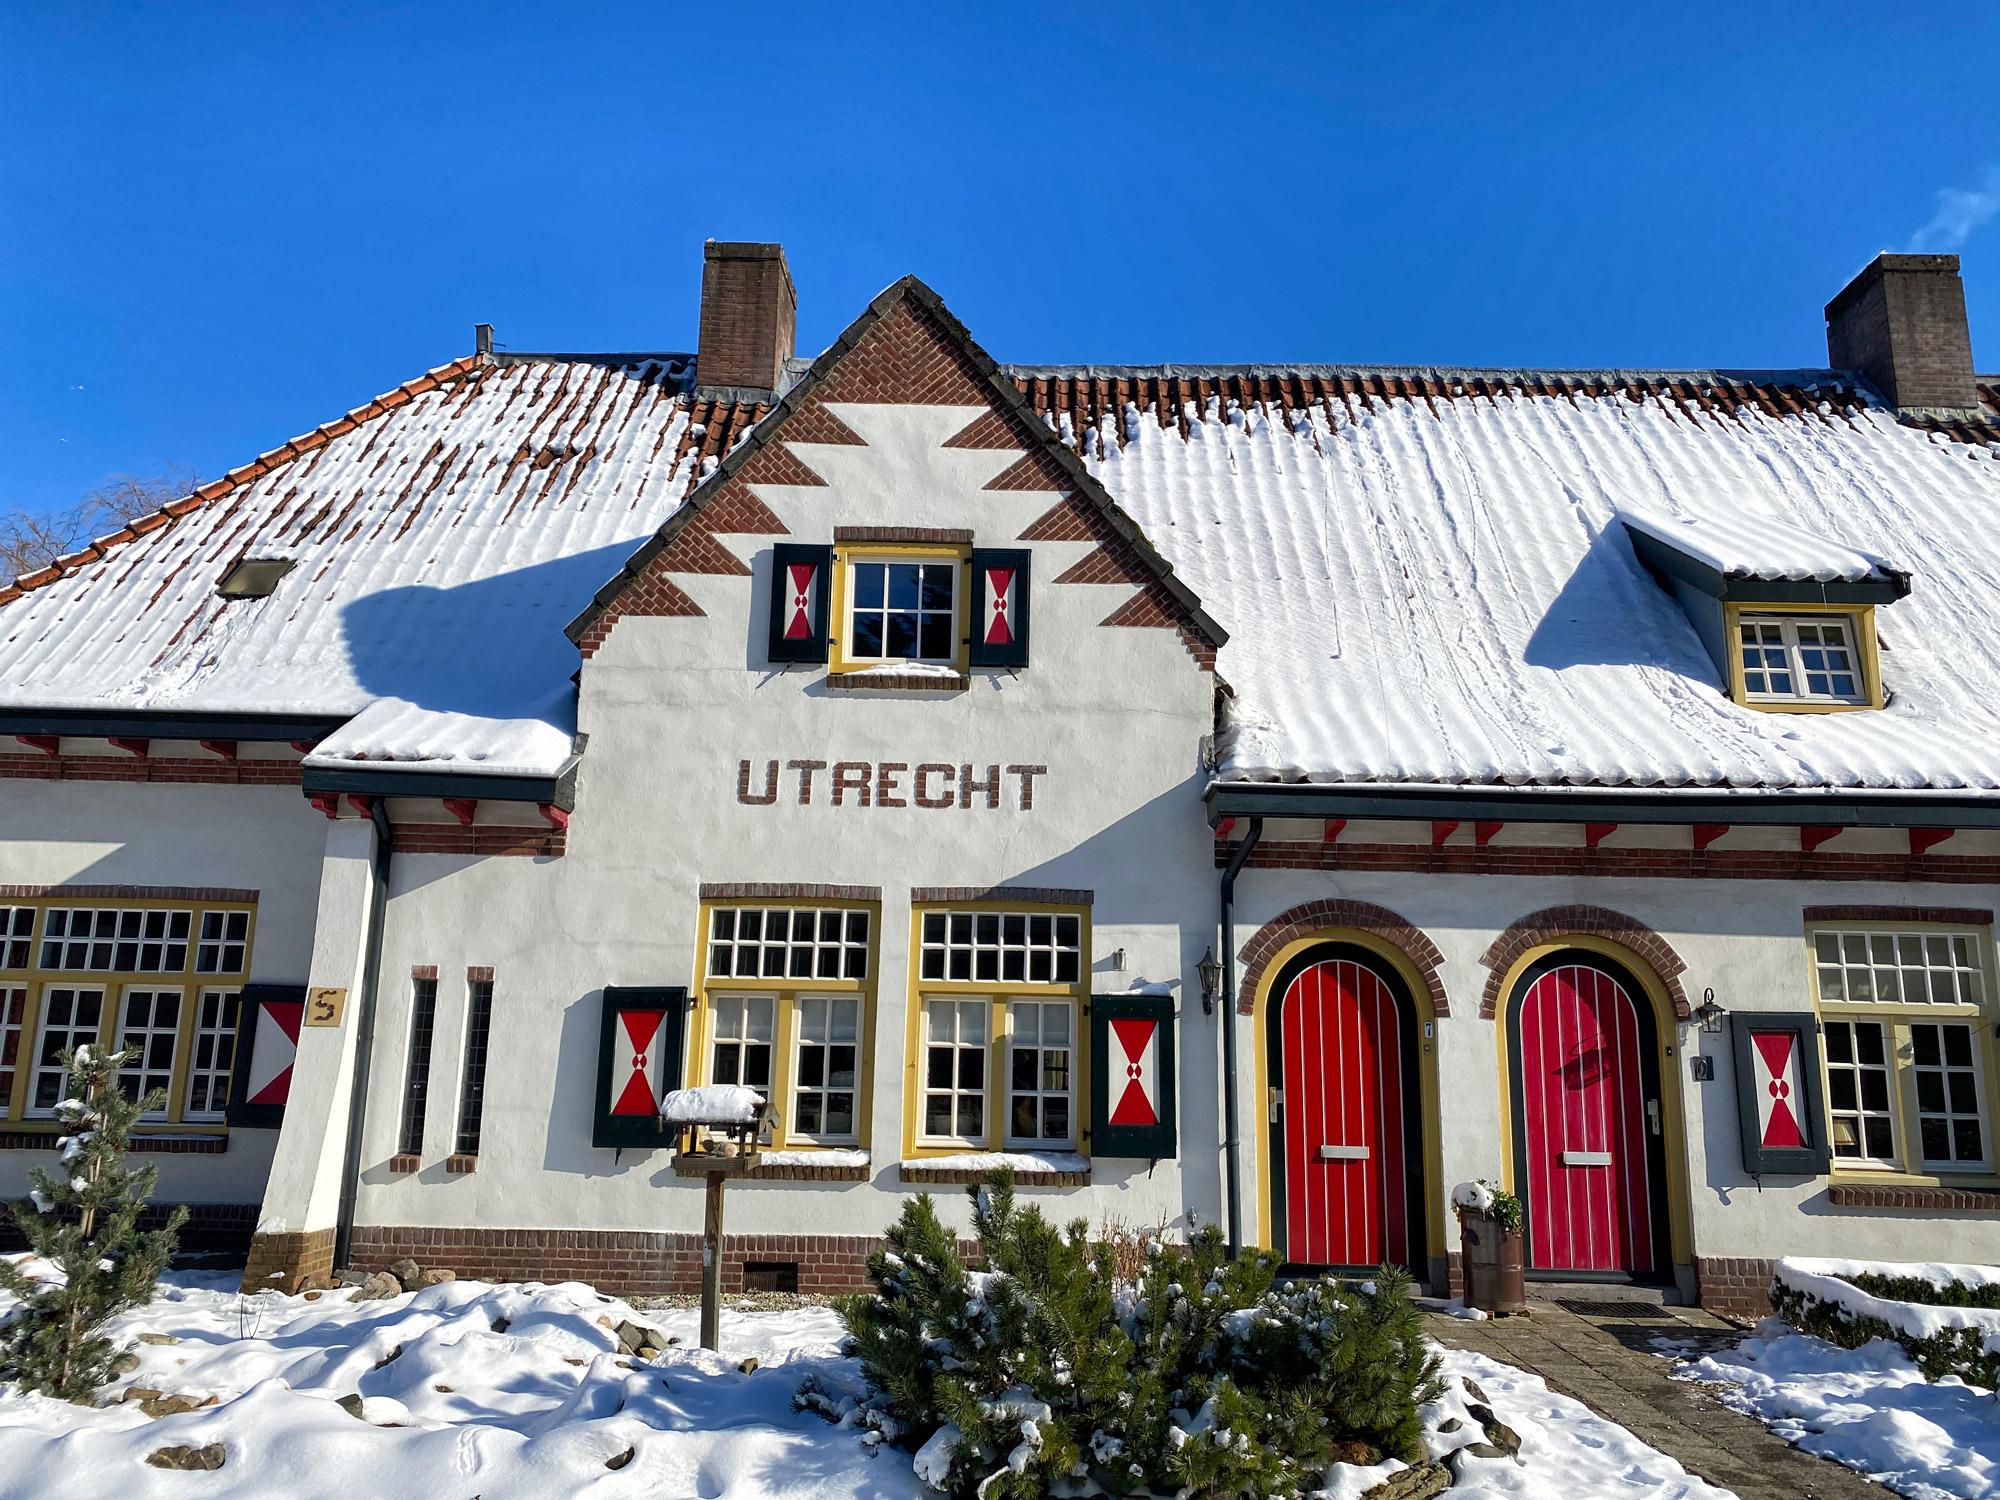 Wandelen in Noord-Brabant: Houtvesters- tot Flaestoren in Landgoed de Utrecht